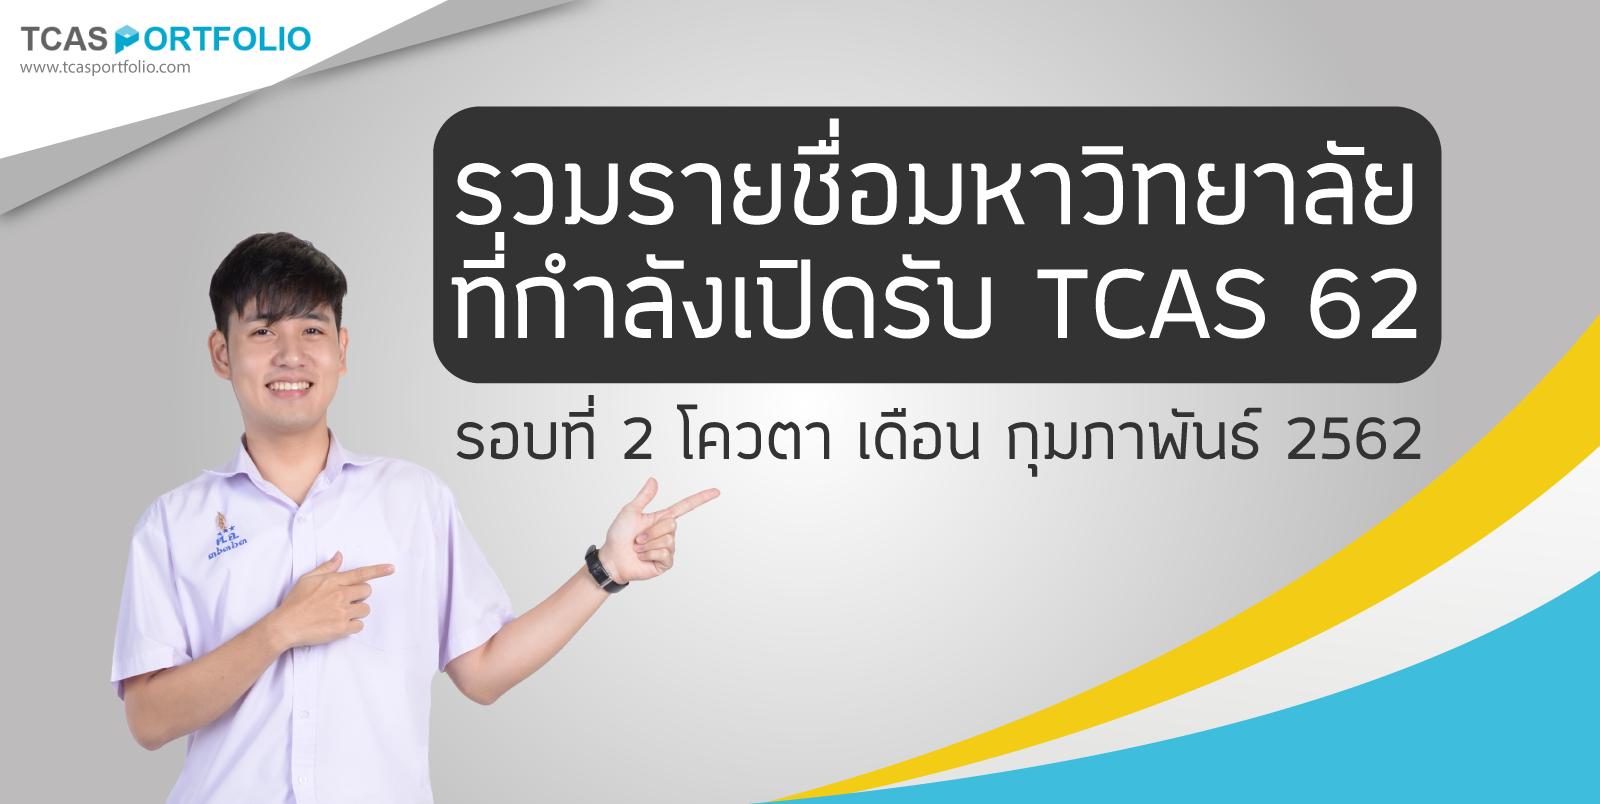 รวมมหาวิทยาลัย ที่จะเปิดรับ TCAS 62 รอบที่ 2 โควตา กุมภาพันธ์ 2562 นี้